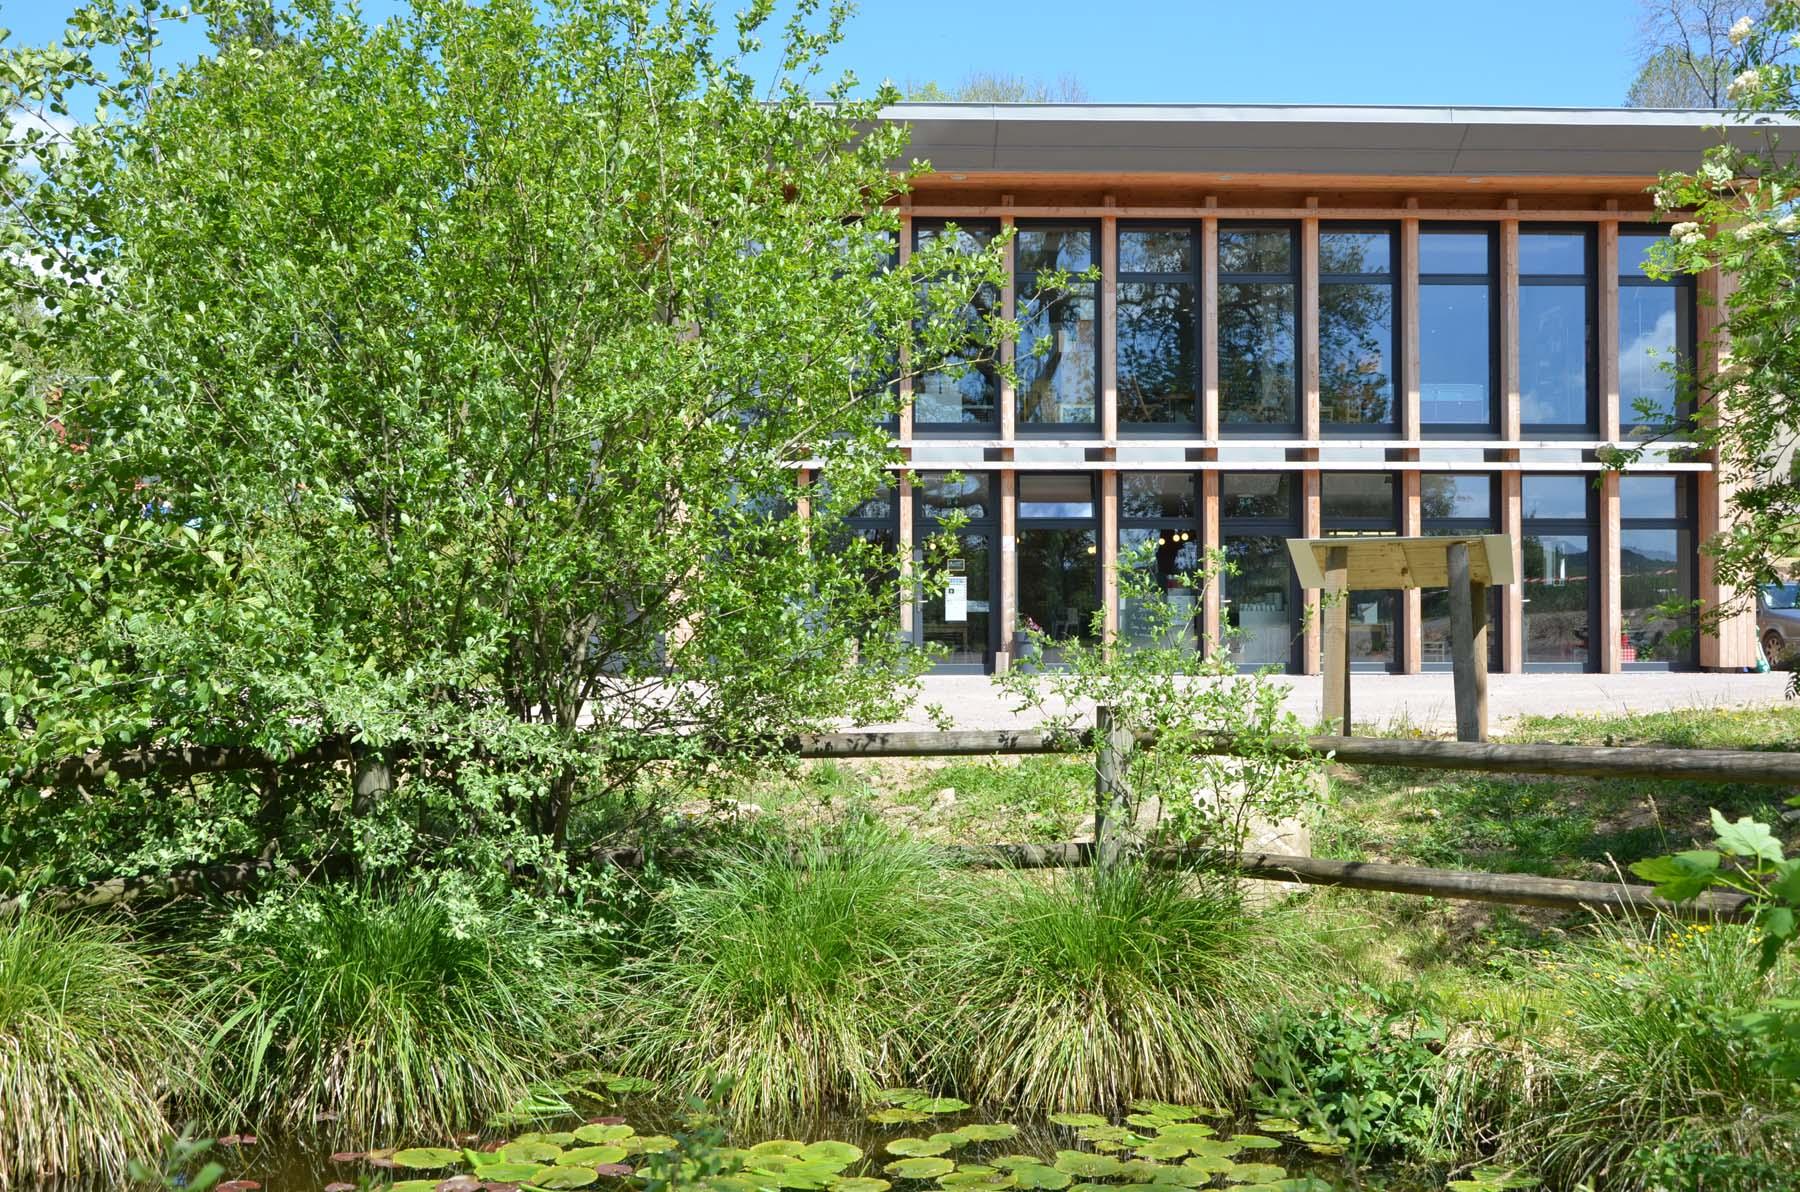 Maison du parc naturel régional du Morvan